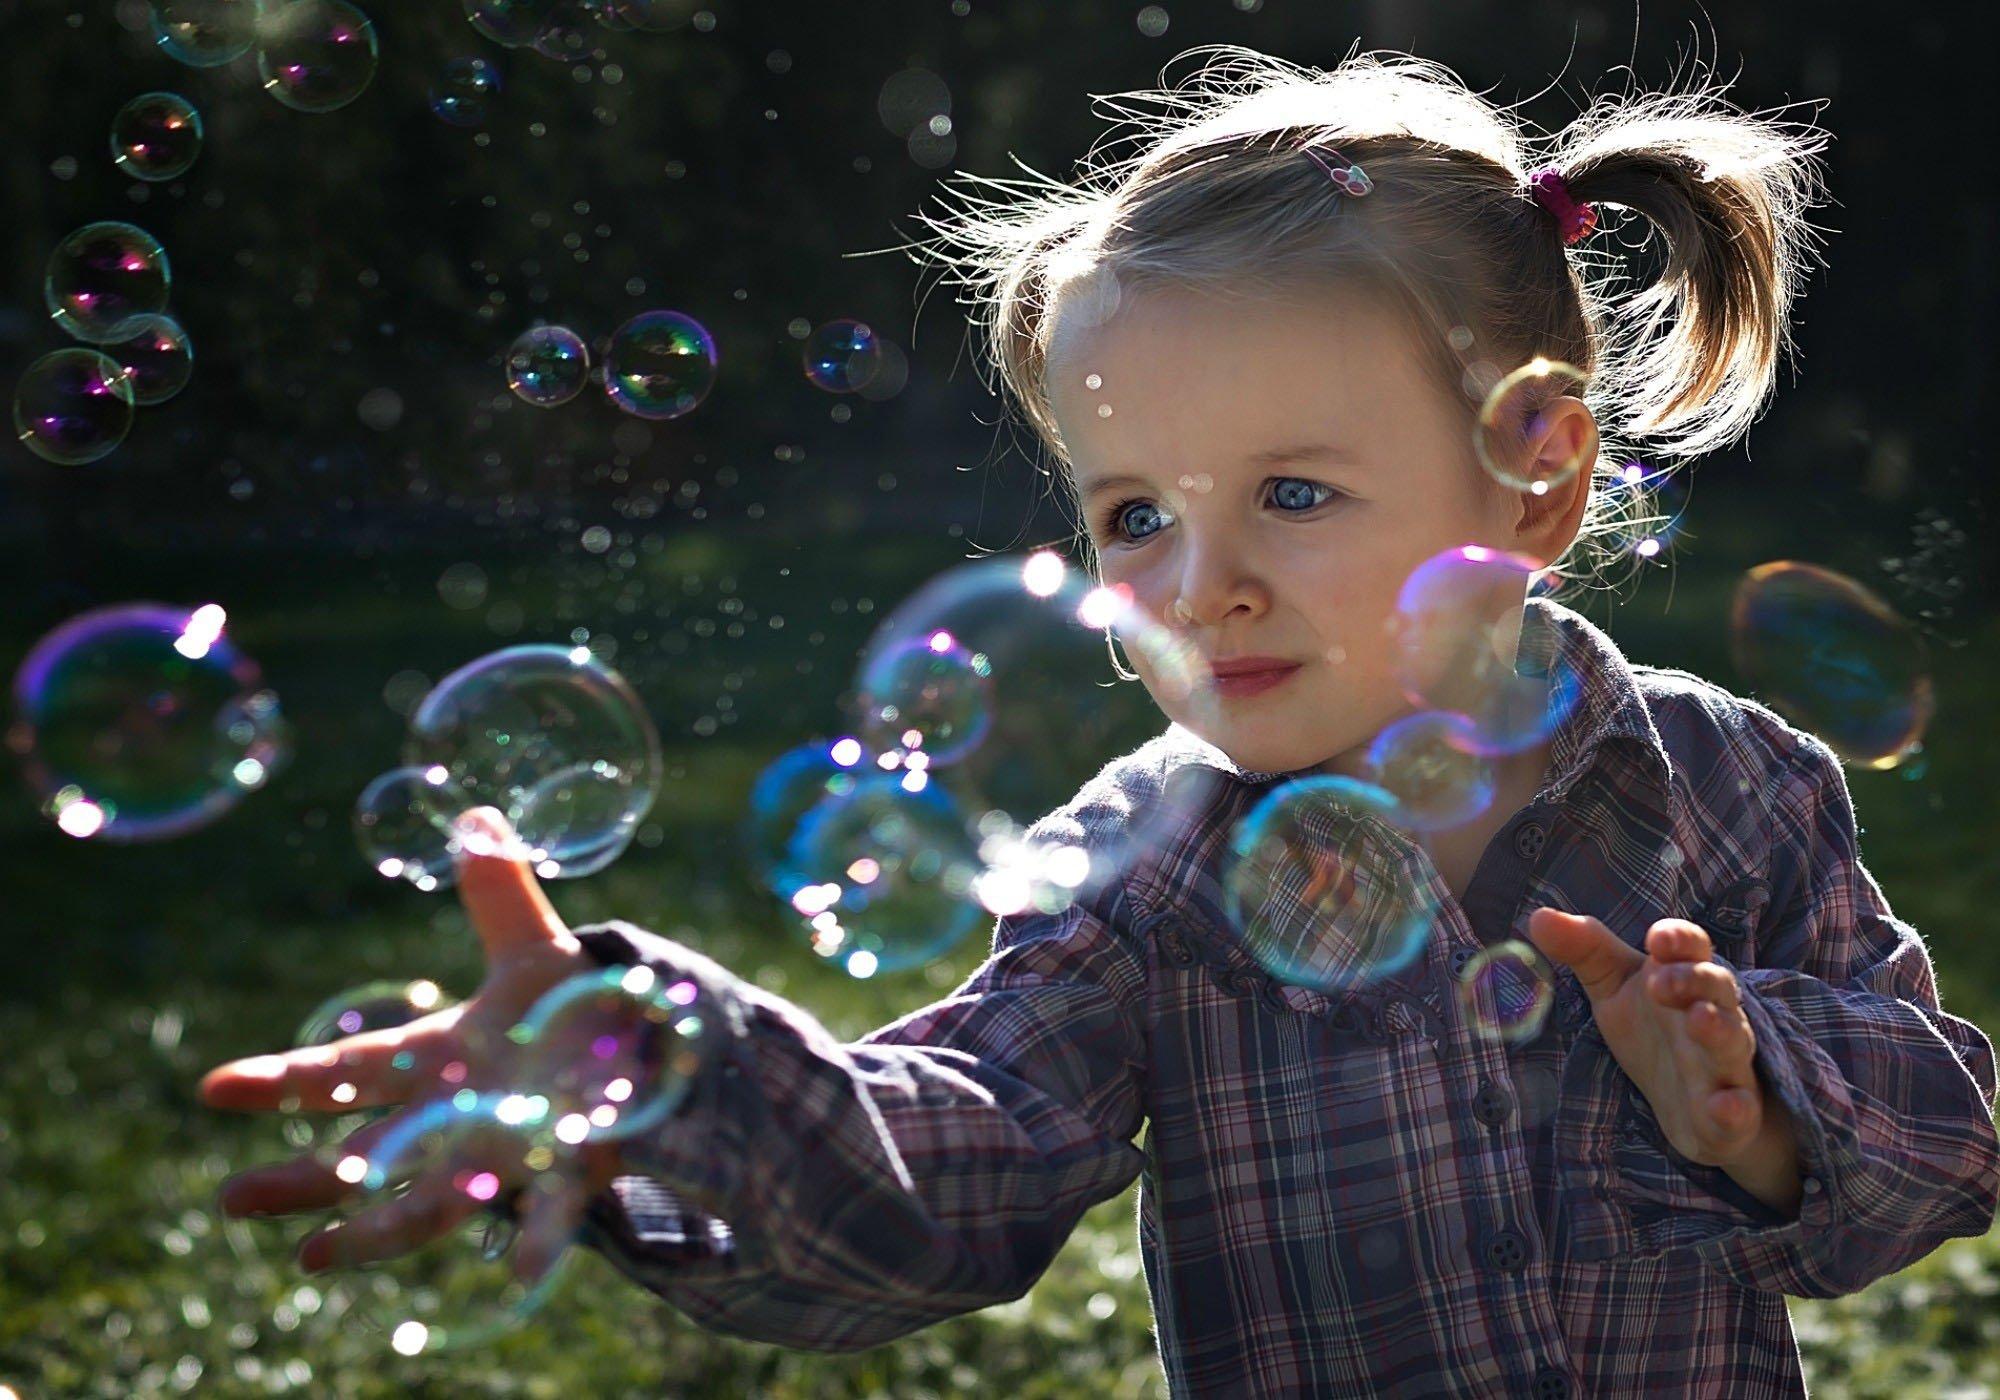 милая девочка с мыльными пузырями  № 1823204 без смс